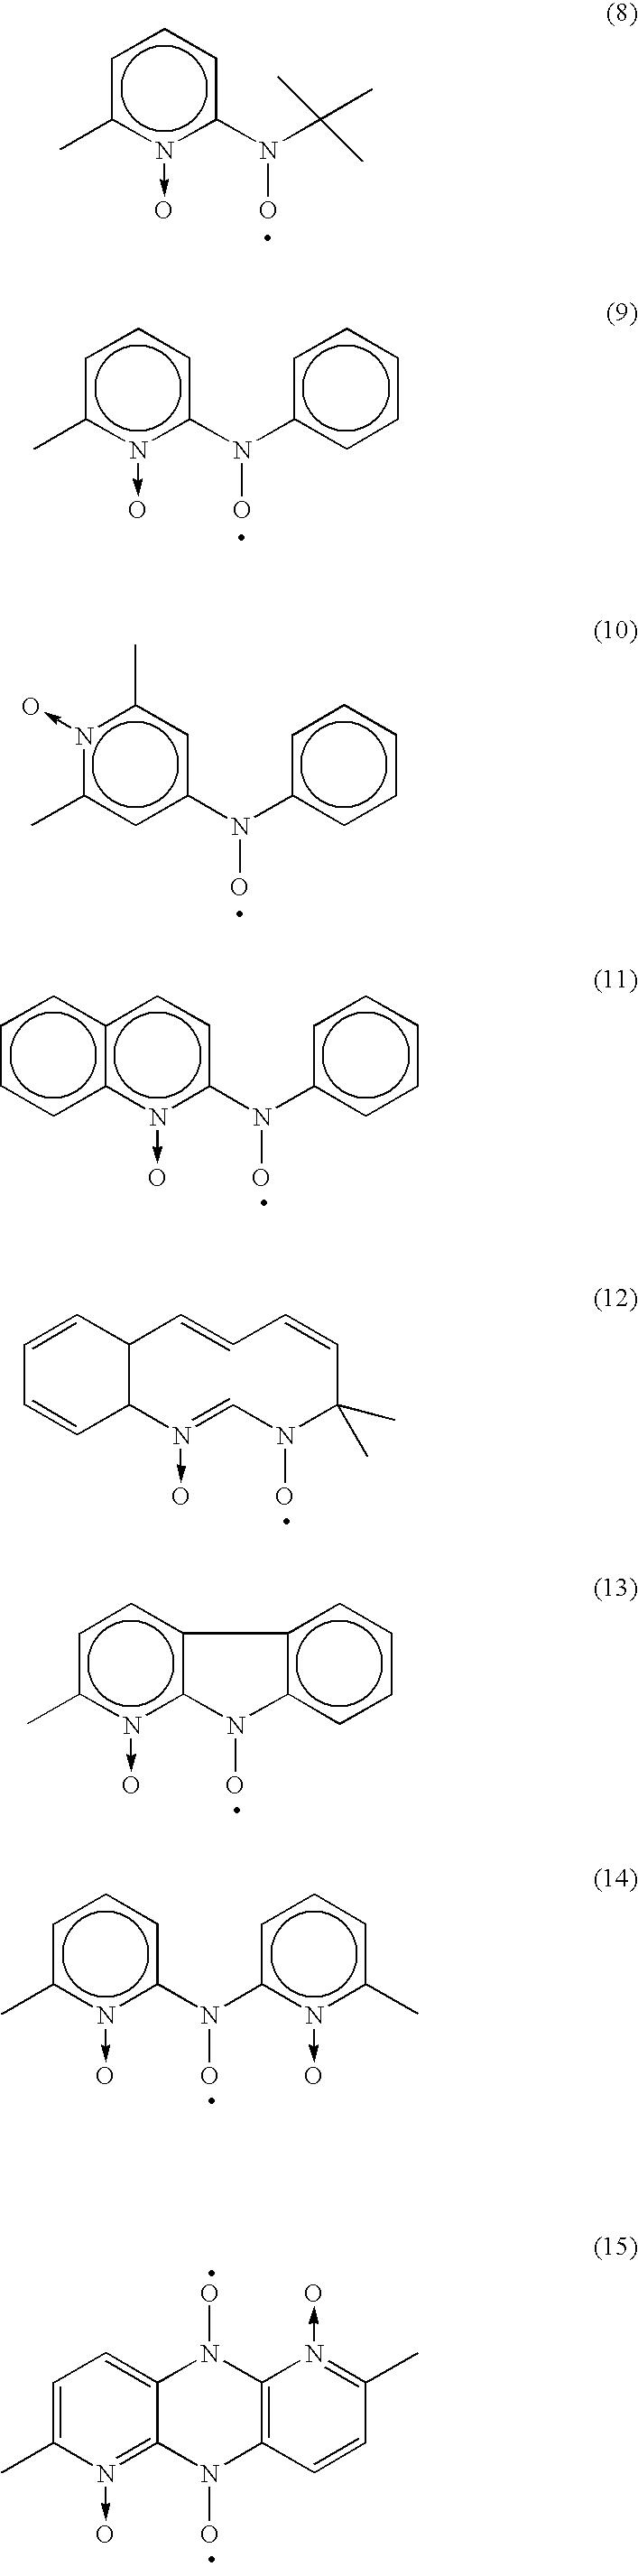 Figure US07122277-20061017-C00006